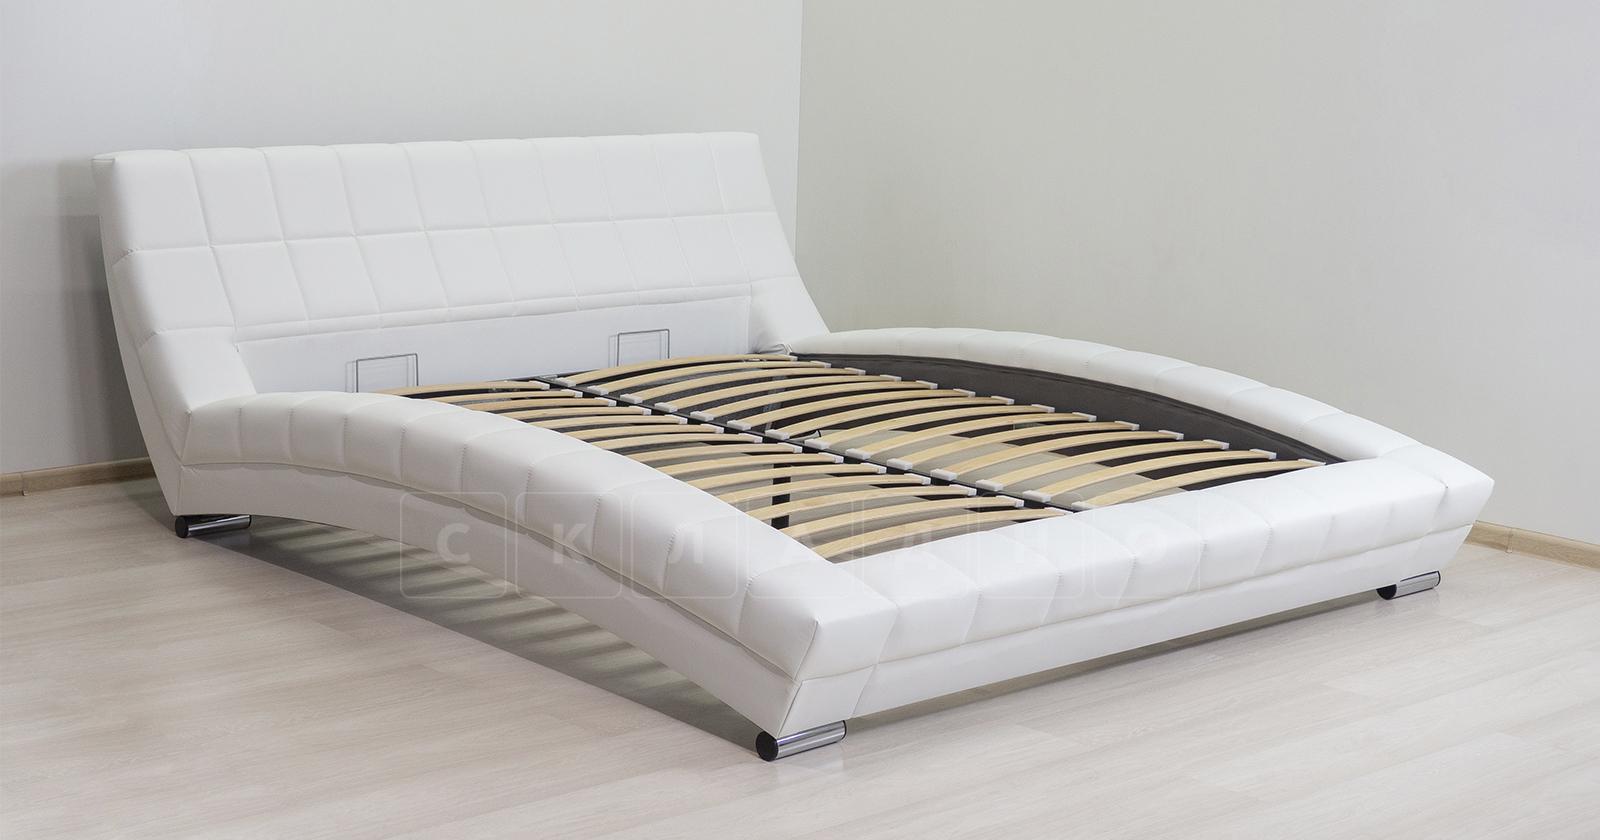 Мягкая кровать Оливия 160 см экокожа белый фото 5 | интернет-магазин Складно